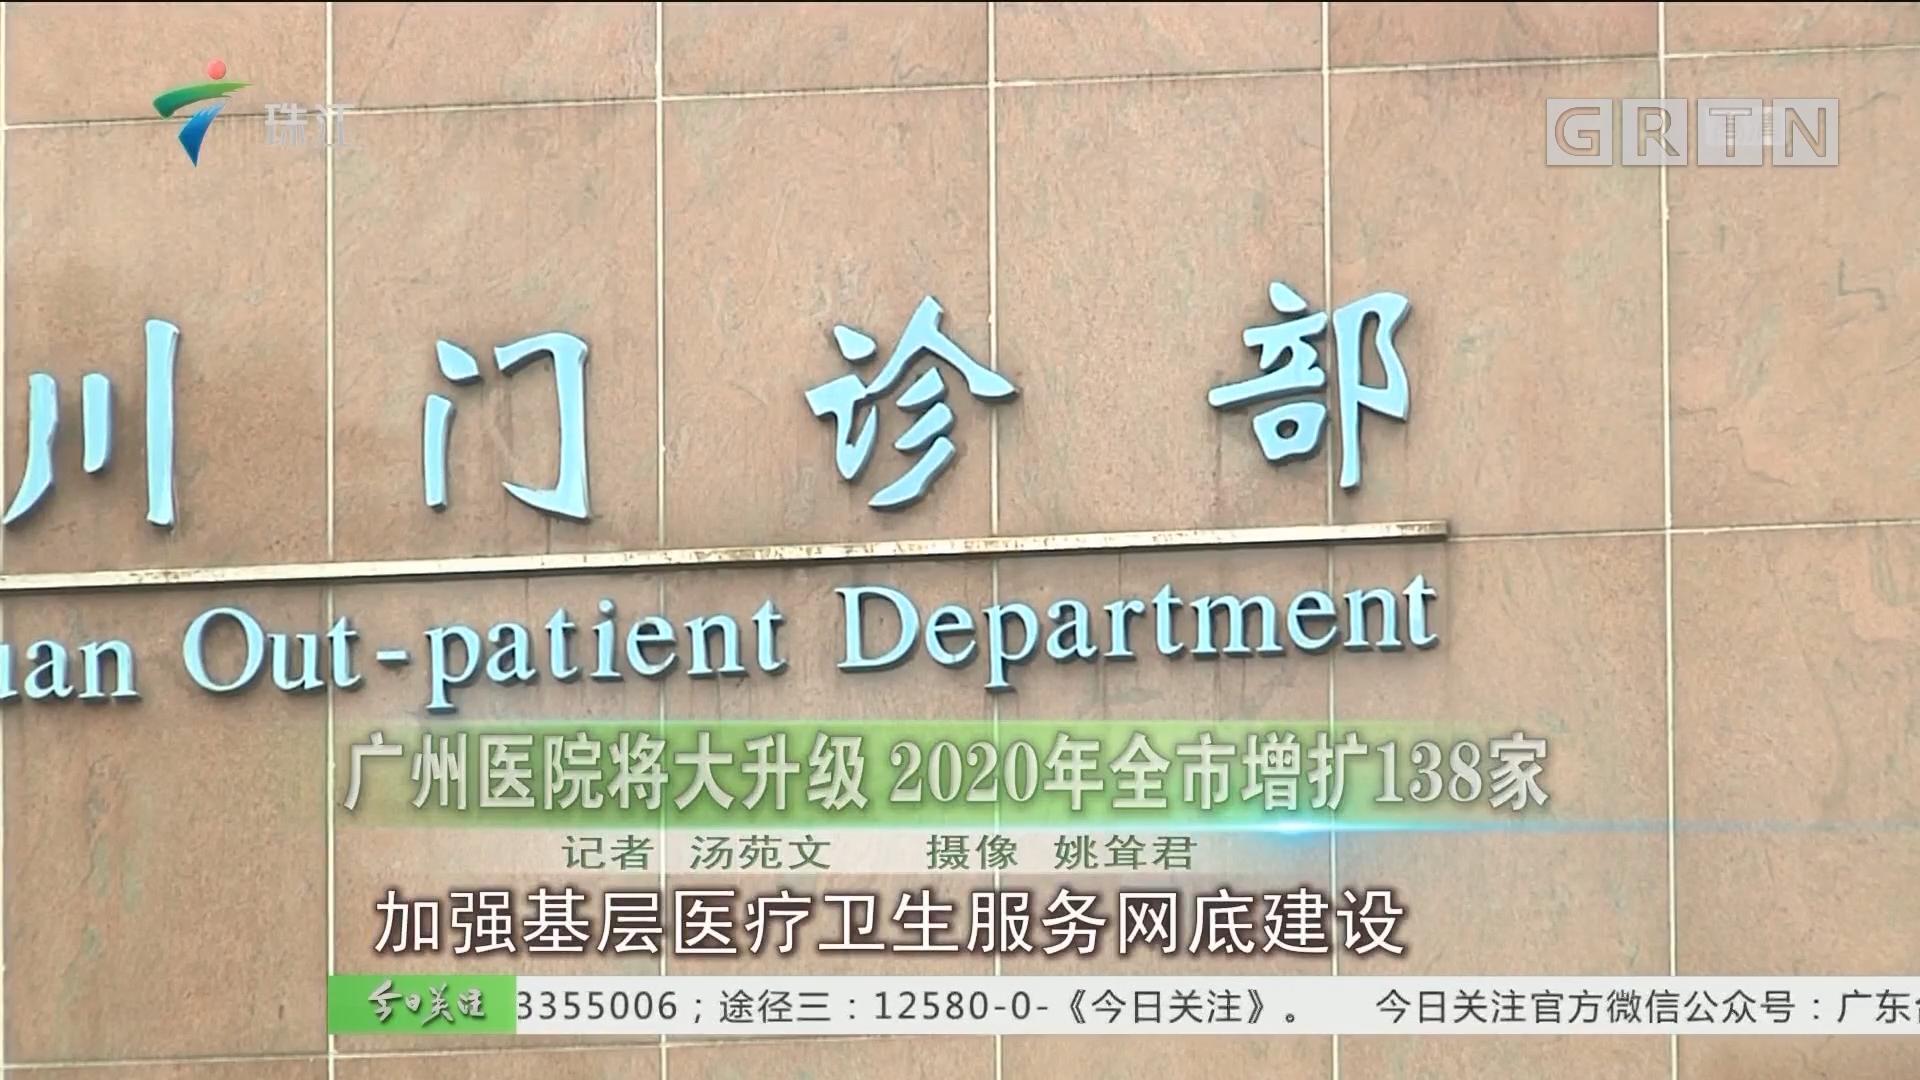 广州医院将大升级 2020年全市增扩138家